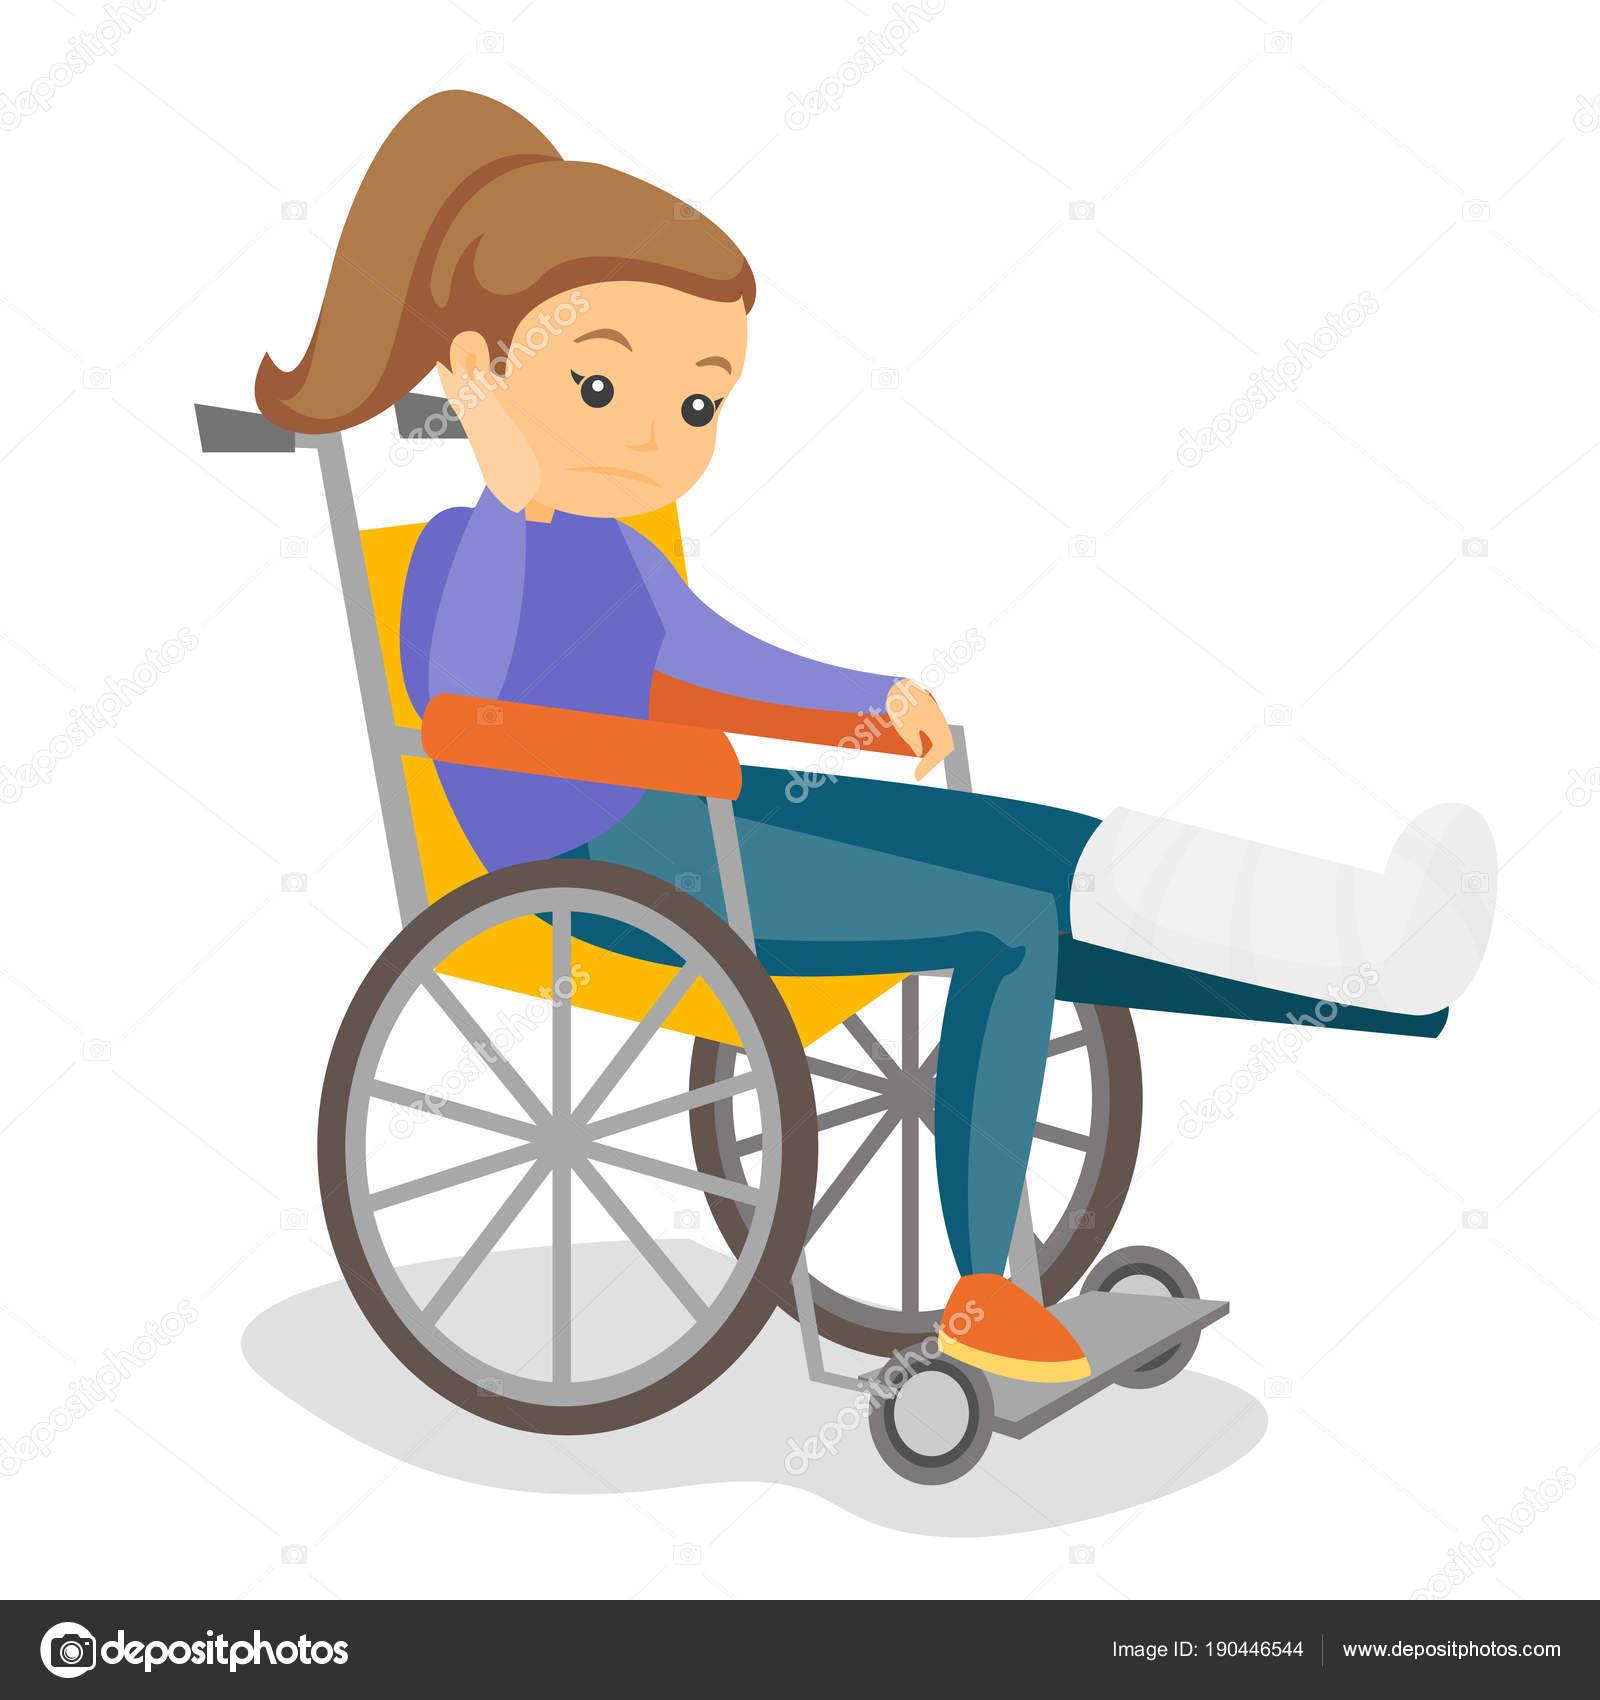 Mujer con pierna rota en silla de ruedas vector de stock rastudio 190446544 - Tamano silla de ruedas ...